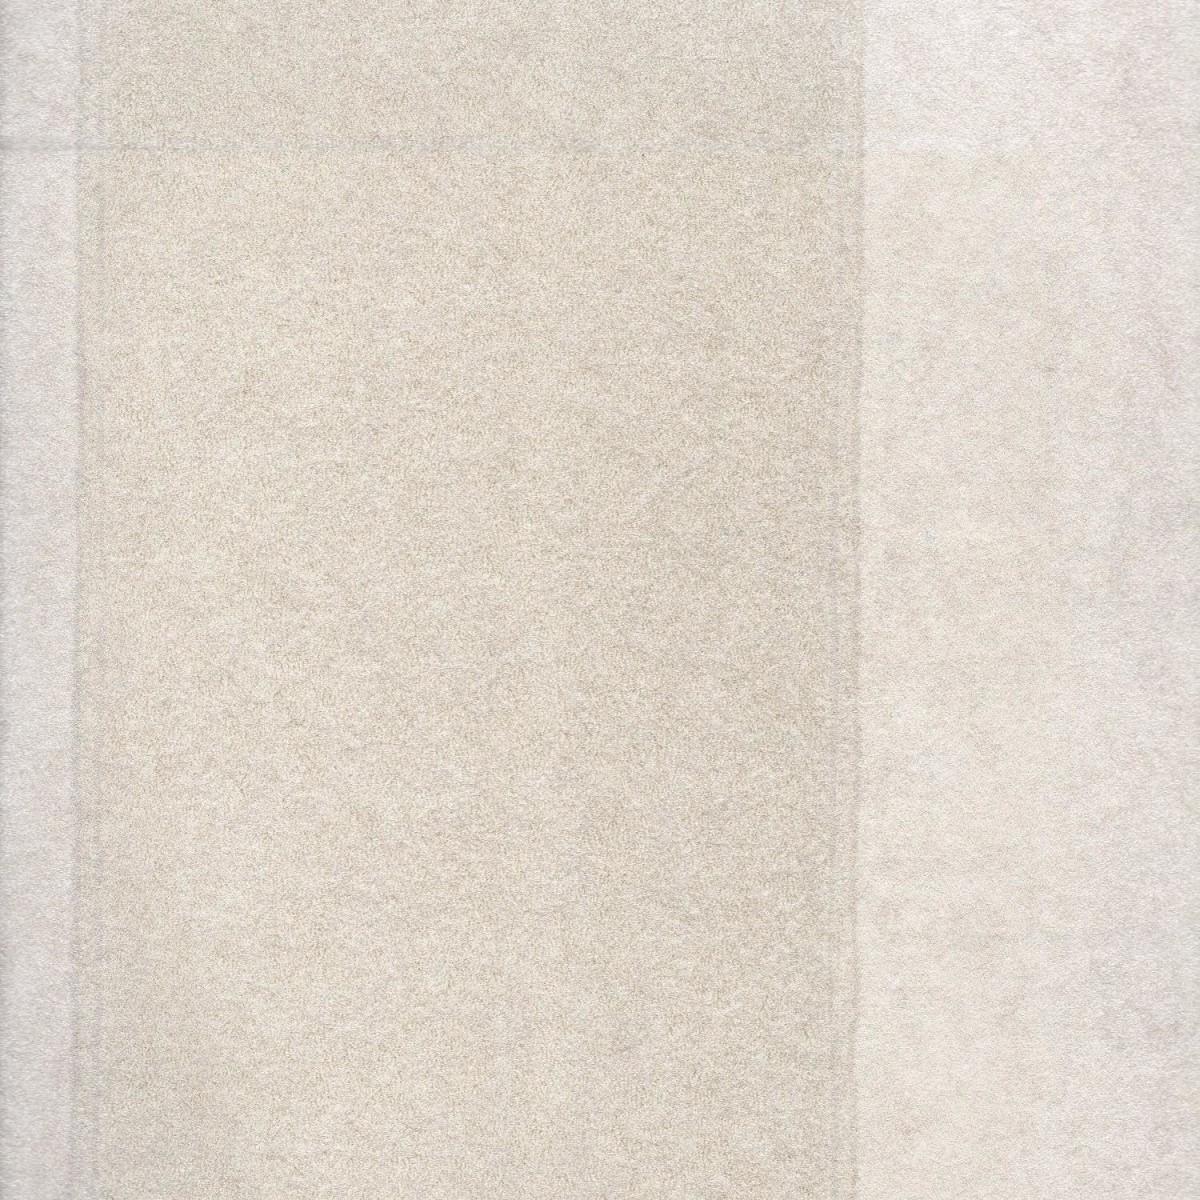 Обои флизелиновые Decoprint Arabesco Decoprint бежевые 0.53 м AR608912